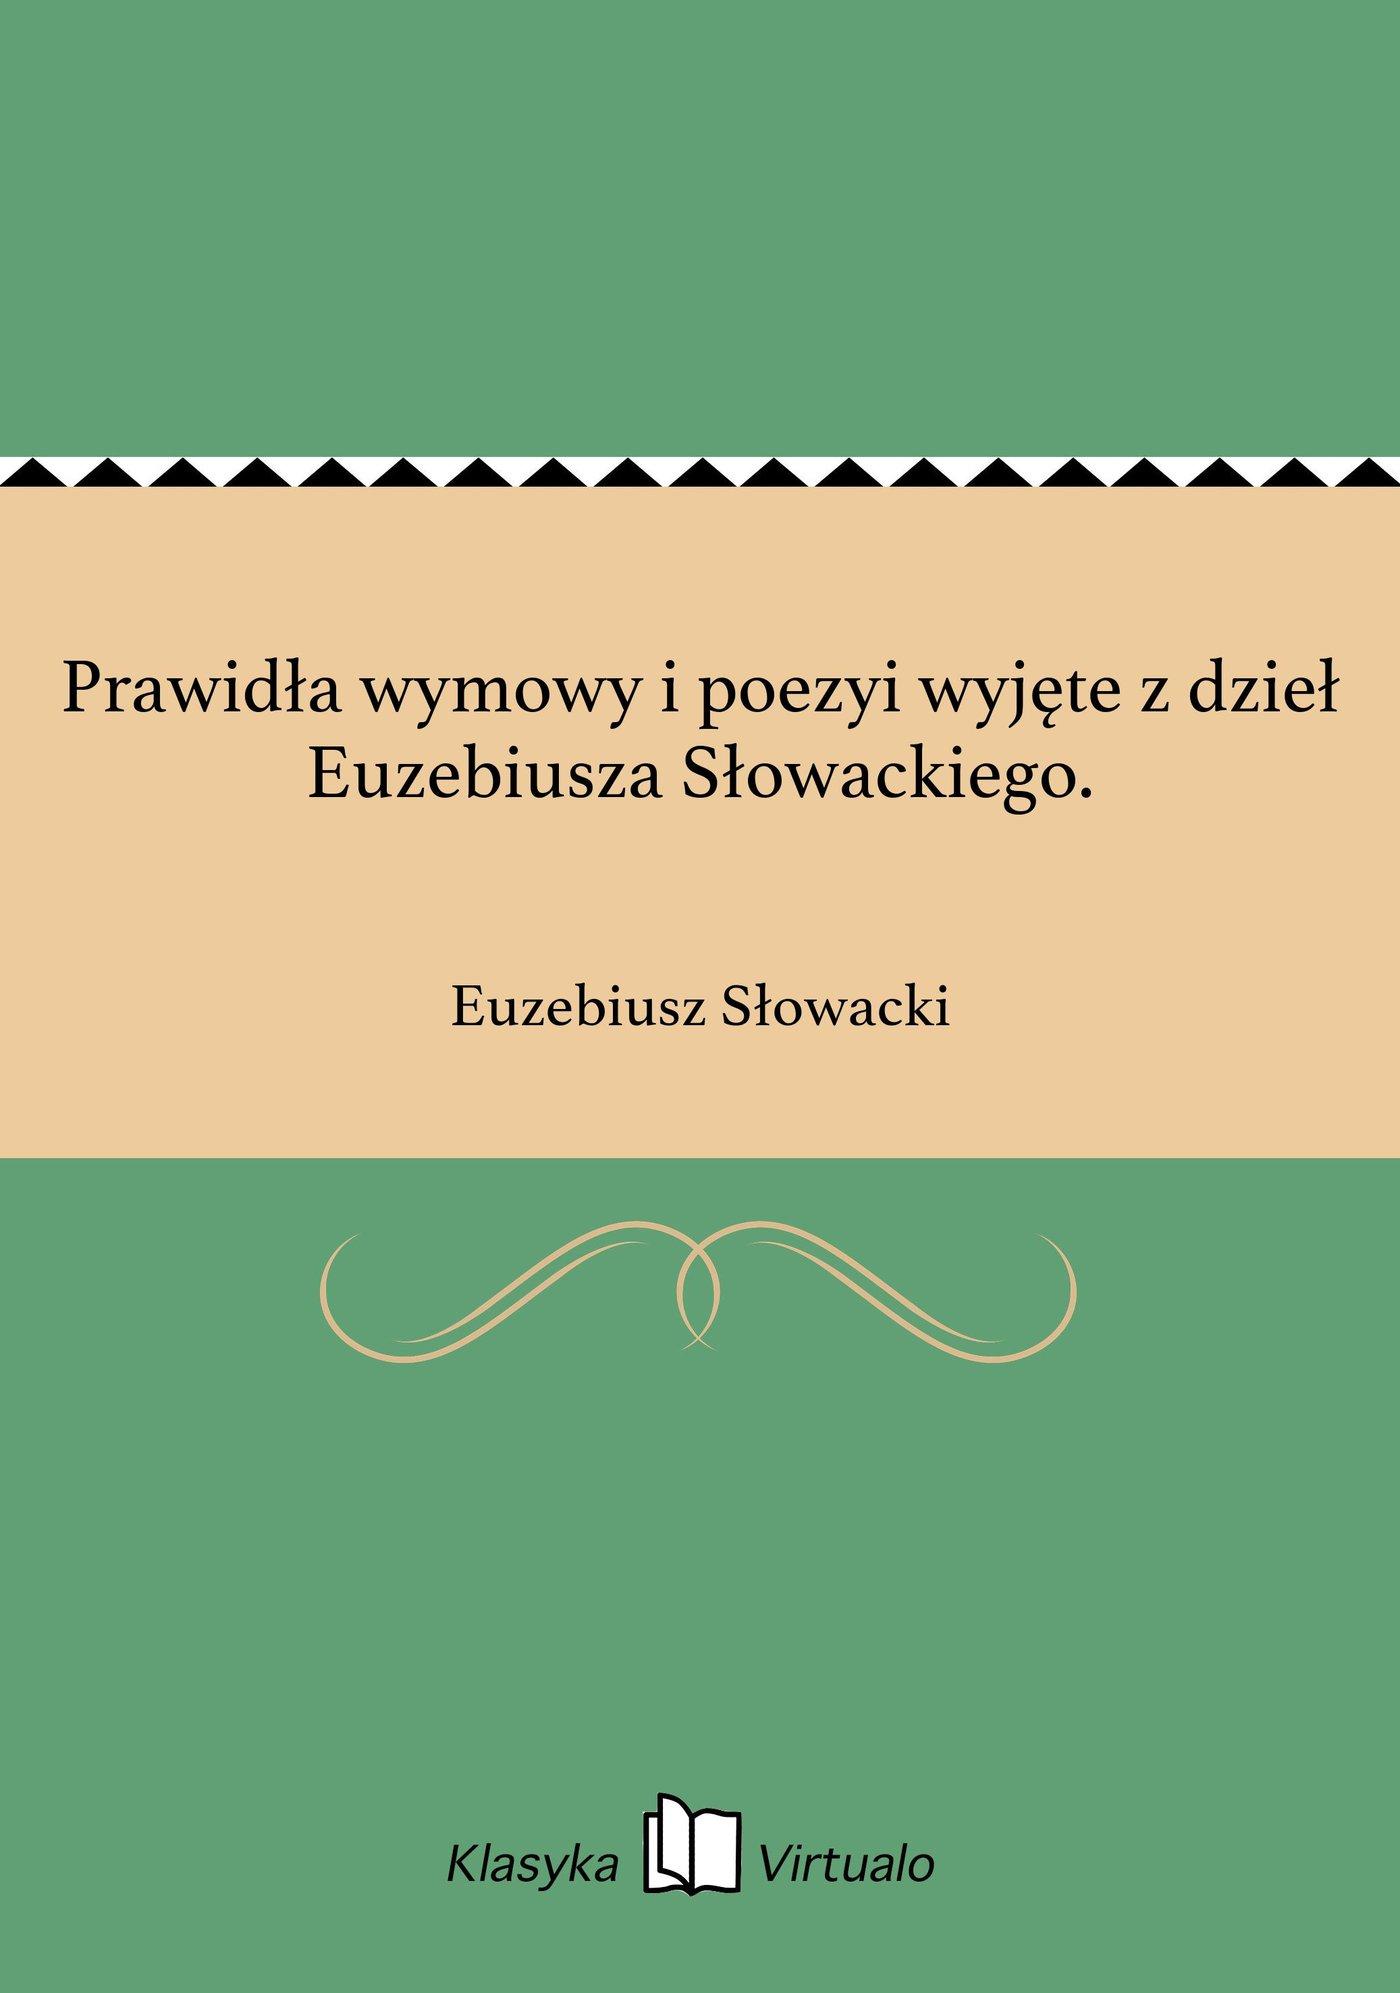 Prawidła wymowy i poezyi wyjęte z dzieł Euzebiusza Słowackiego. - Ebook (Książka EPUB) do pobrania w formacie EPUB